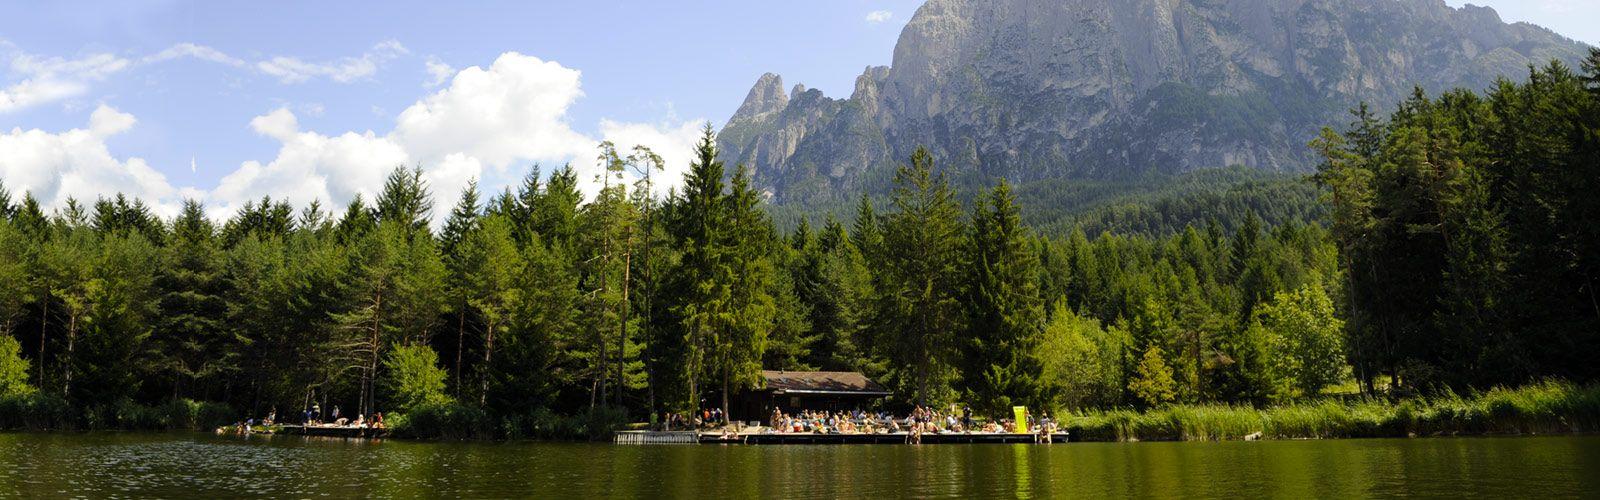 Sciliar e dintorni - Hotel alpe di siusi con piscina ...